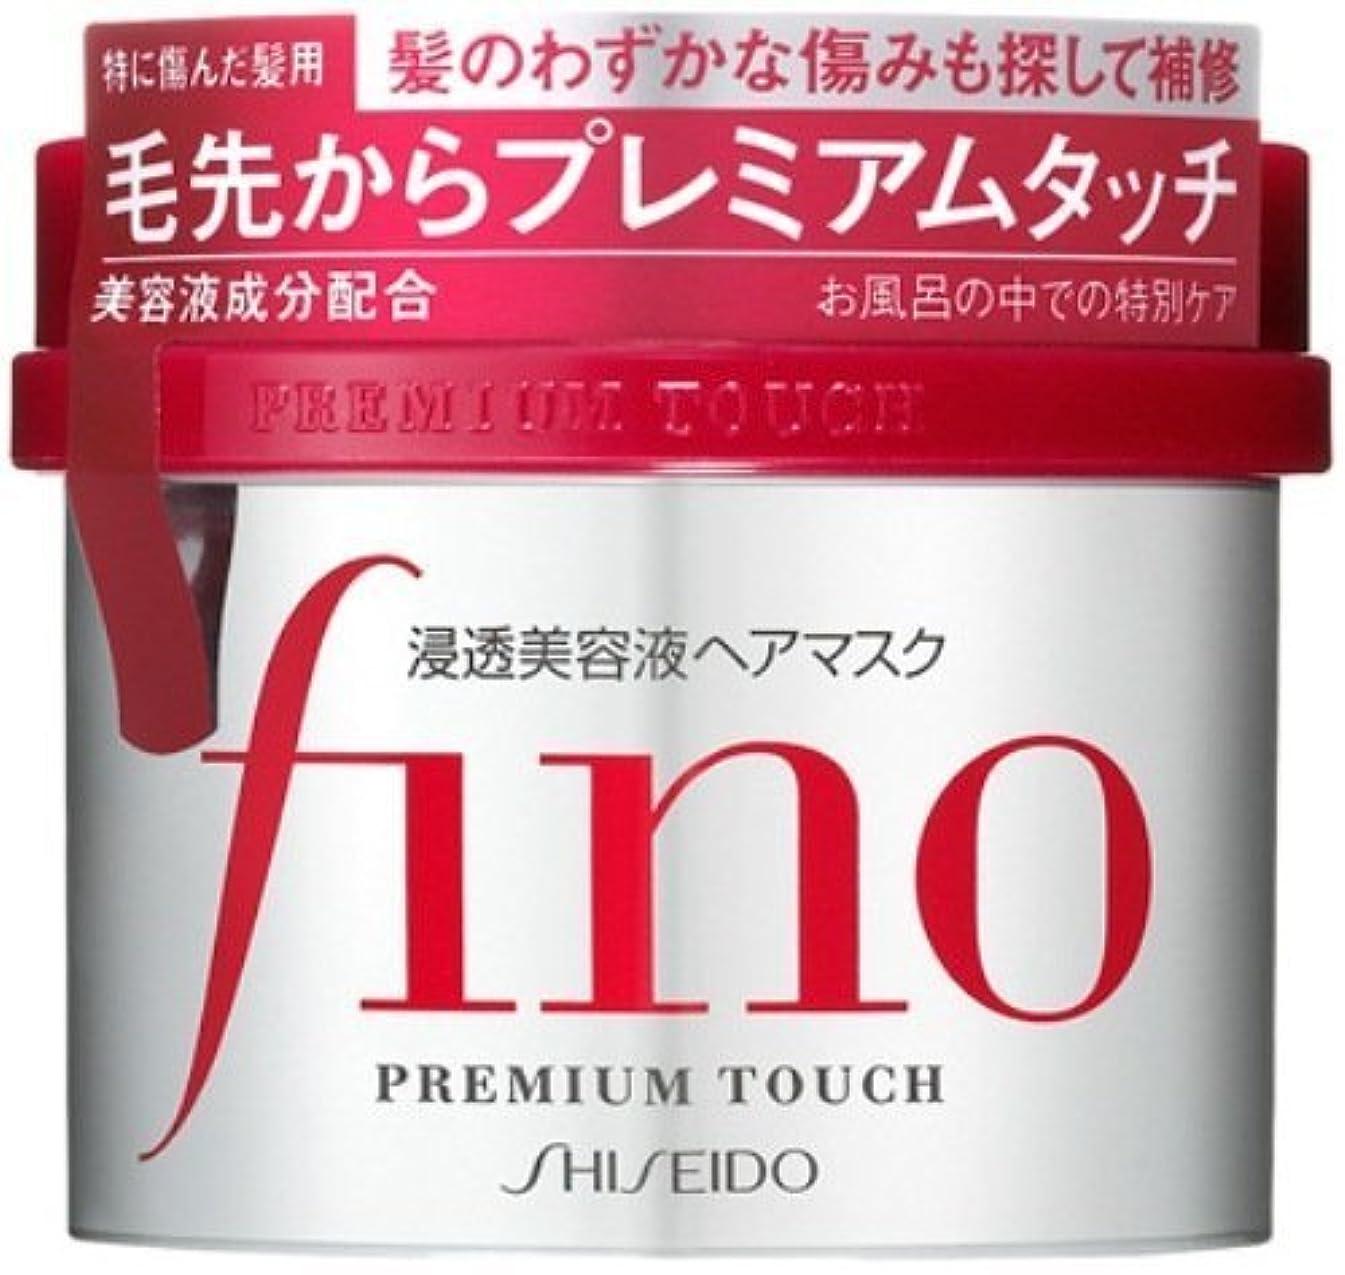 熟達時間東方フィーノプレミアムタッチ浸透美容液ヘアマスク230g (3個)